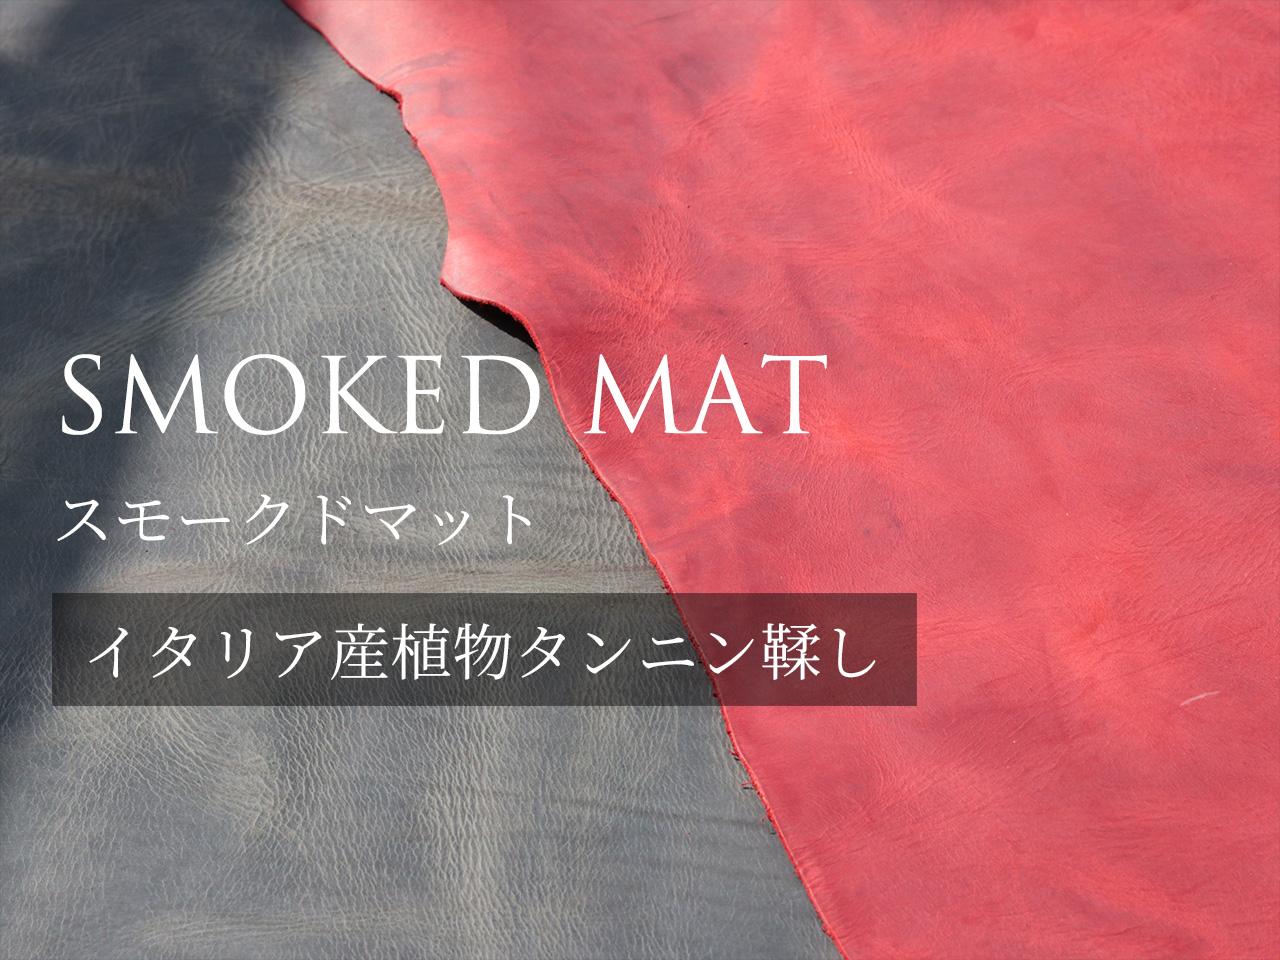 SMORKED MAT(スモークドマット)について